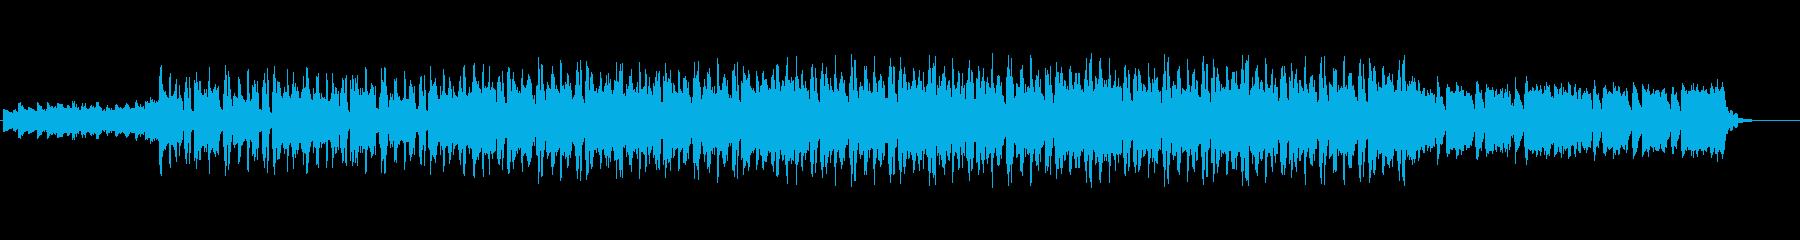 幻想的で少し切ないアンビエントBGMの再生済みの波形